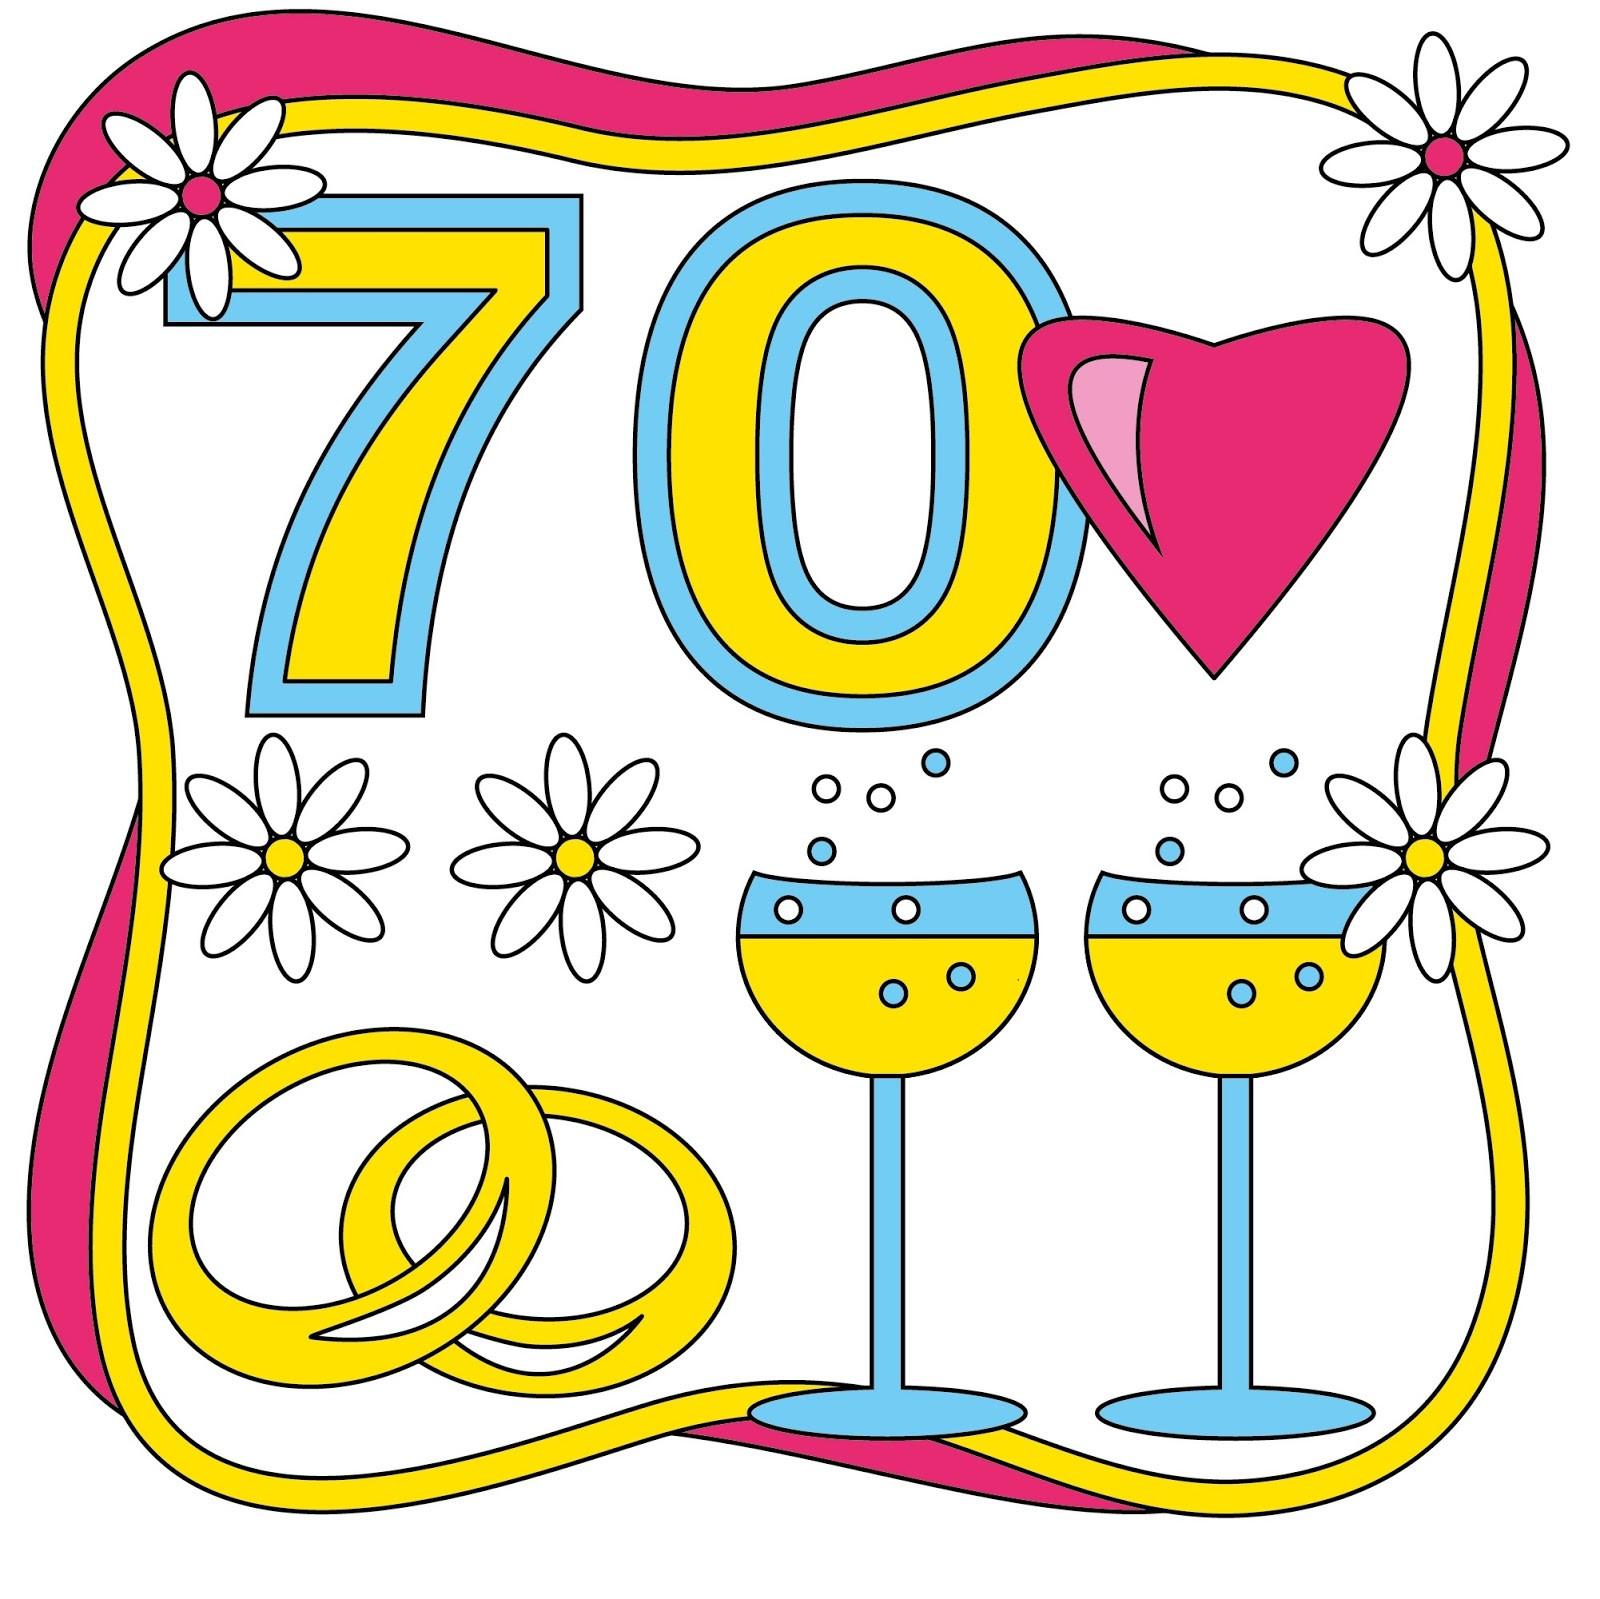 Geburtstagswünsche 70 Jahre  Geburtstagsgedichte gedichte zum 70 geburtstag